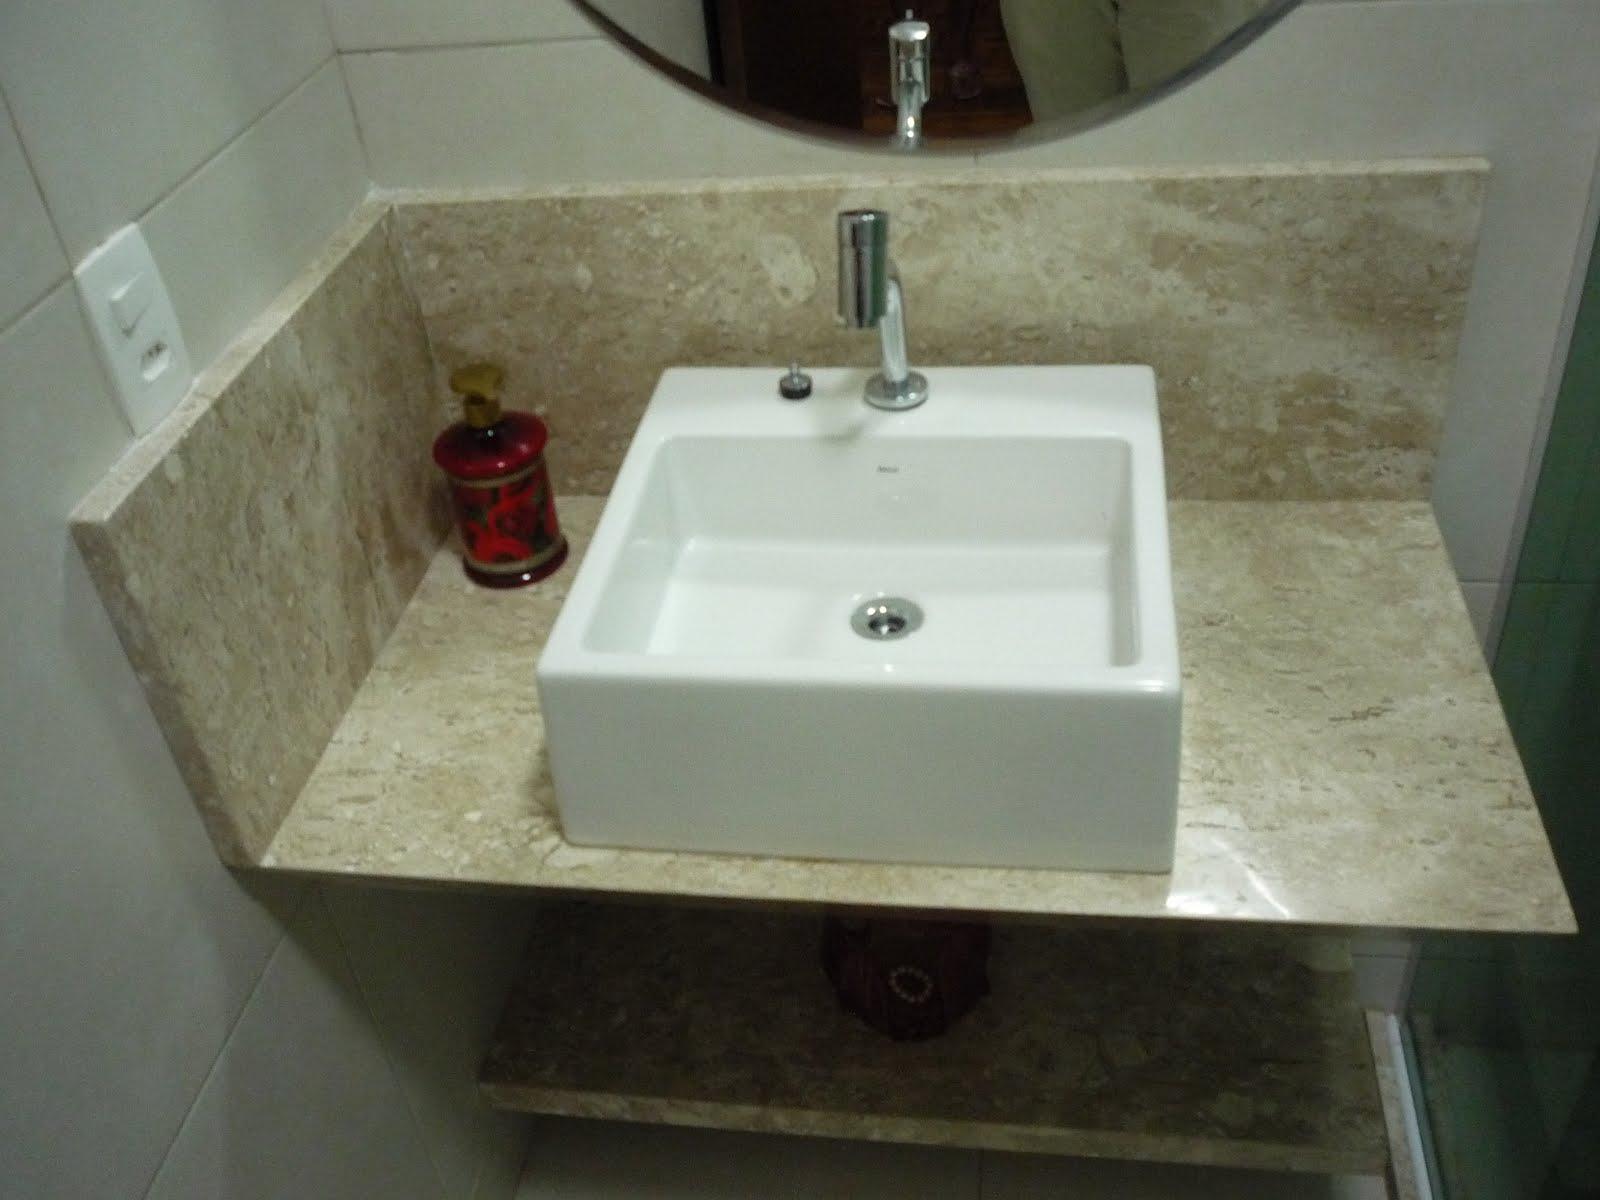 Imagens de #5B4934  ARAÚJO Arquitetura & Interiores: PROJ BANHEIRO: RES. JOAQUIM SÁ 1600x1200 px 2550 Box Banheiro Vidro Espelhado